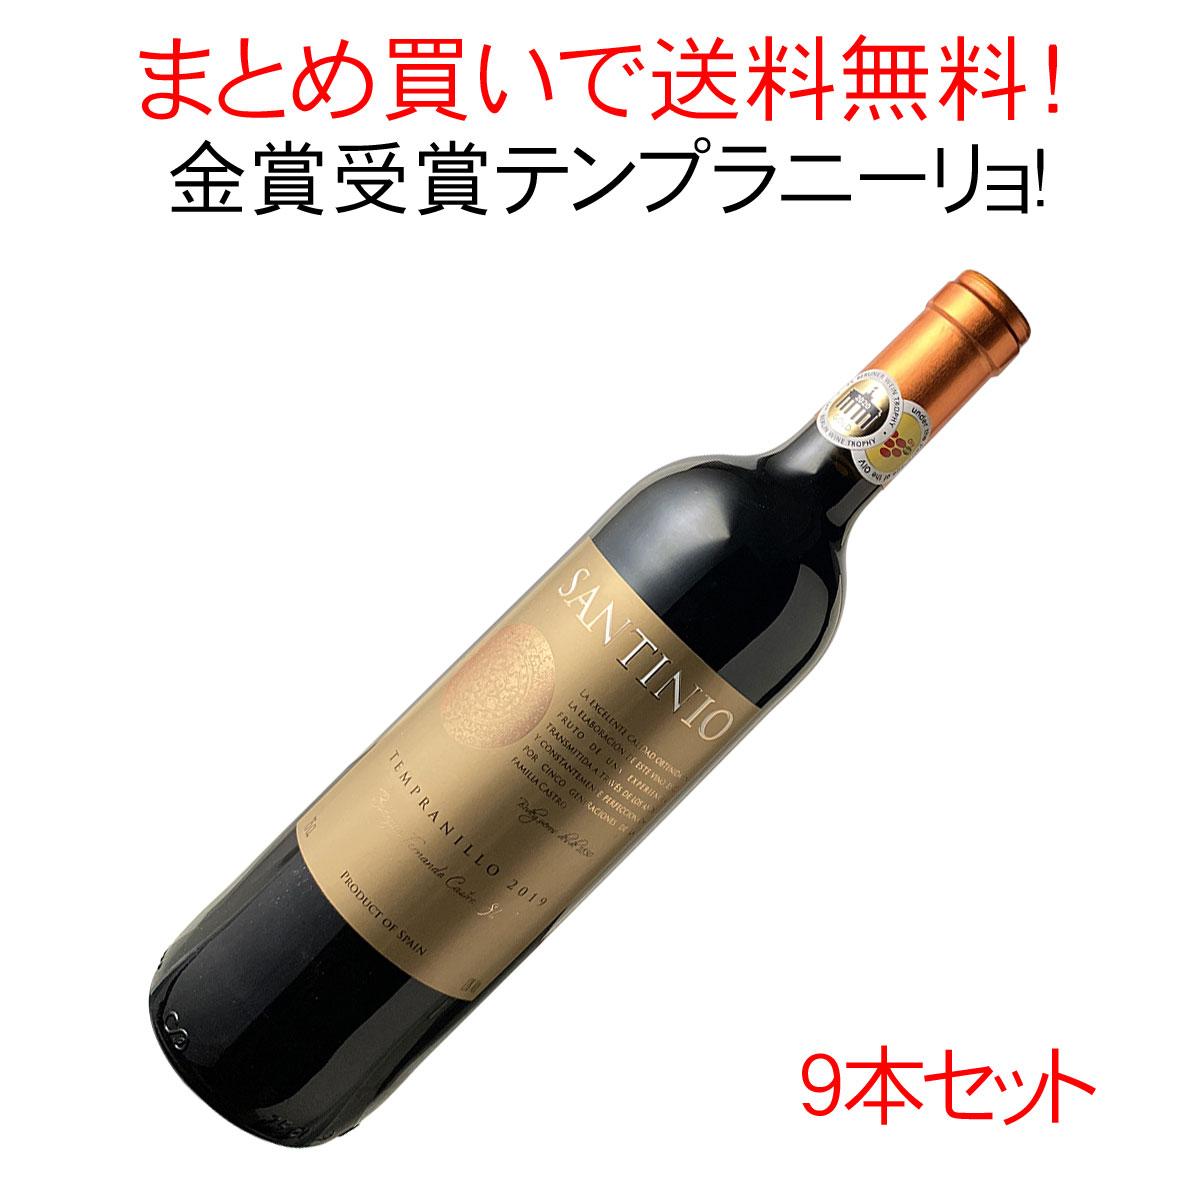 【送料無料】サンティニオ テンプラニーリョ [2019] 1ケース9本セット <ワイン/スペイン>